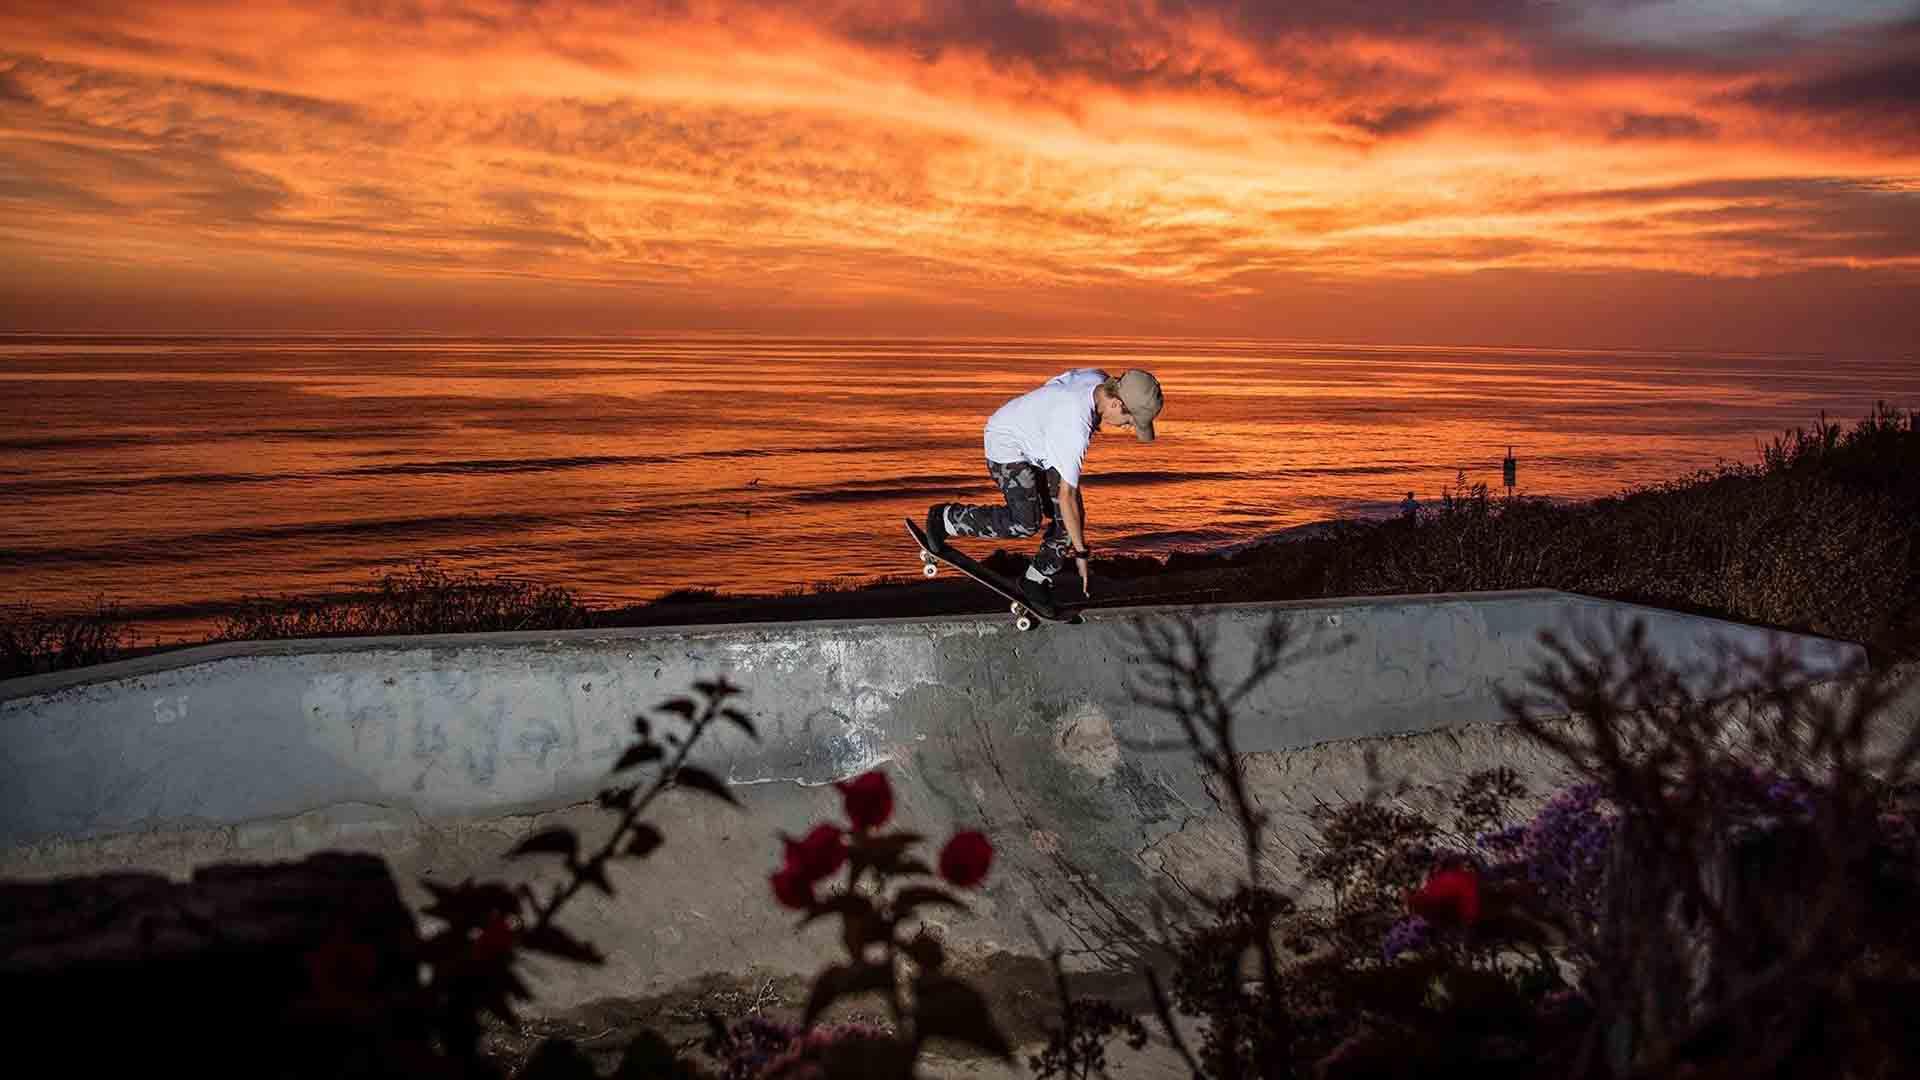 luiz mariano skate park